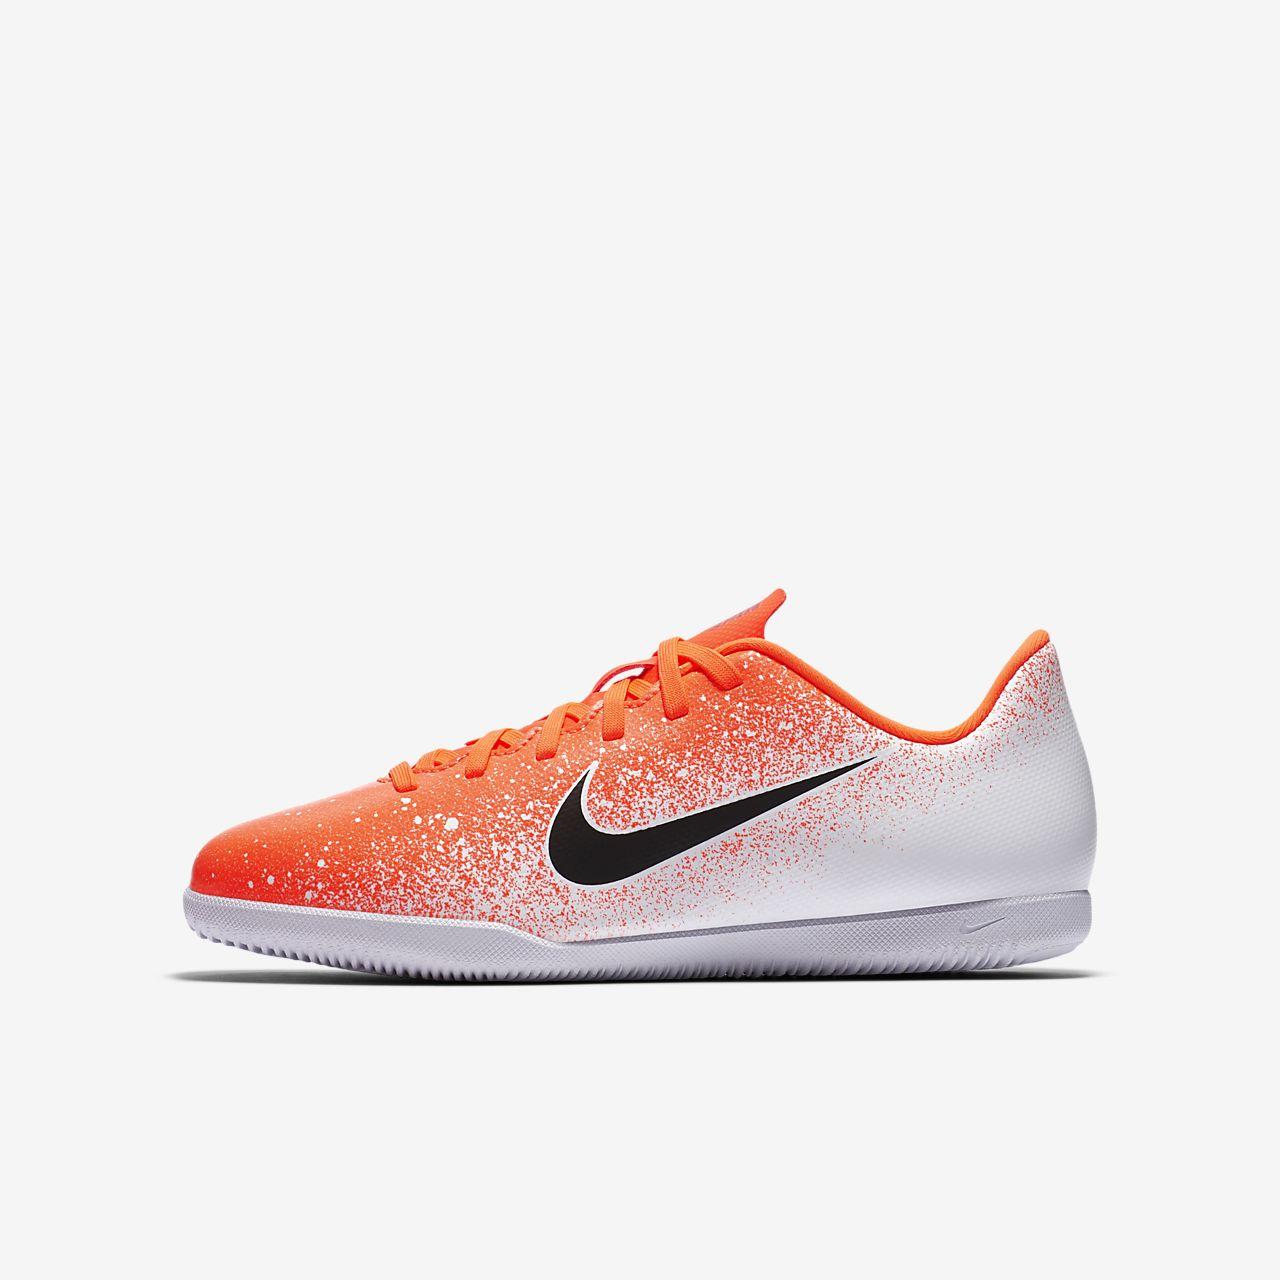 รองเท้าฟุตบอลเด็กเล็ก/โตสำหรับสนามในร่ม/คอร์ท Nike Jr. MercurialX Vapor XII Club IC